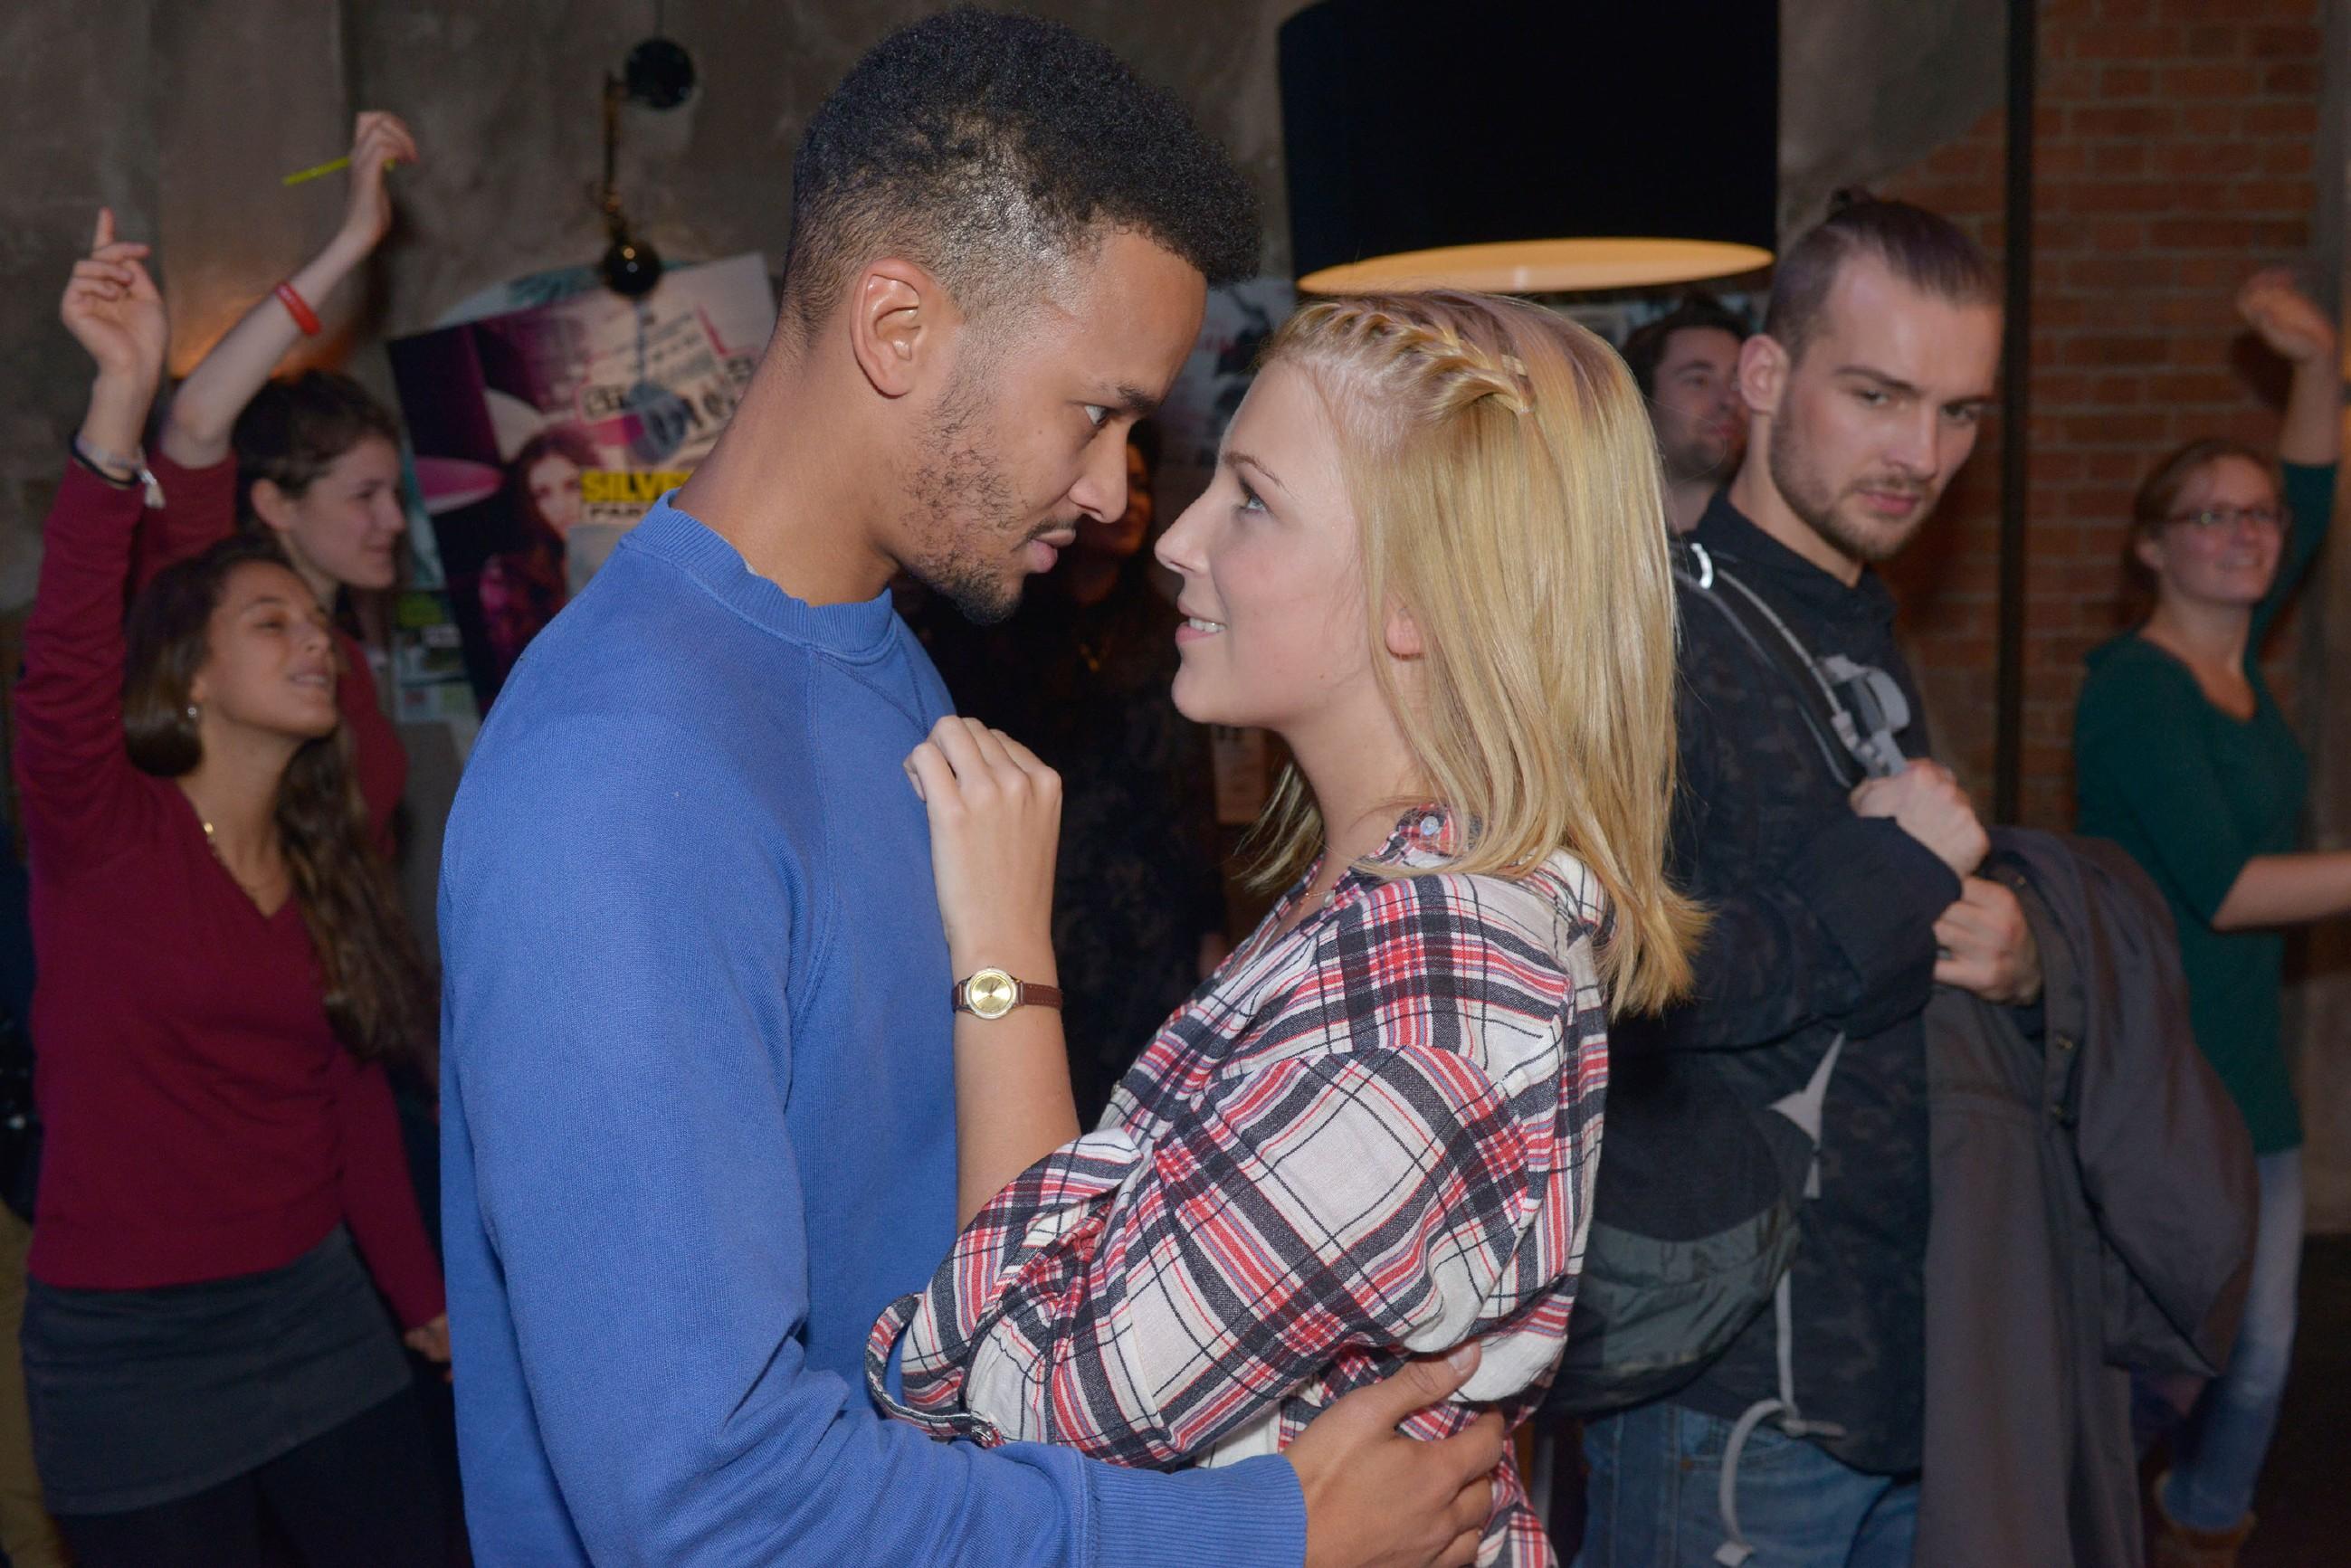 Lilly (Iris Mareike Steen) ist fassungslos vor Glück, als während des Konzerts plötzlich Amar (Thando Walbaum, l.) vor ihr steht. Chris (Eric Stehfest) hingegen hält sich bei dem Wiedersehen rücksichtsvoll im Hintergrund. (Quelle: RTL / Rolf Baumgartner)